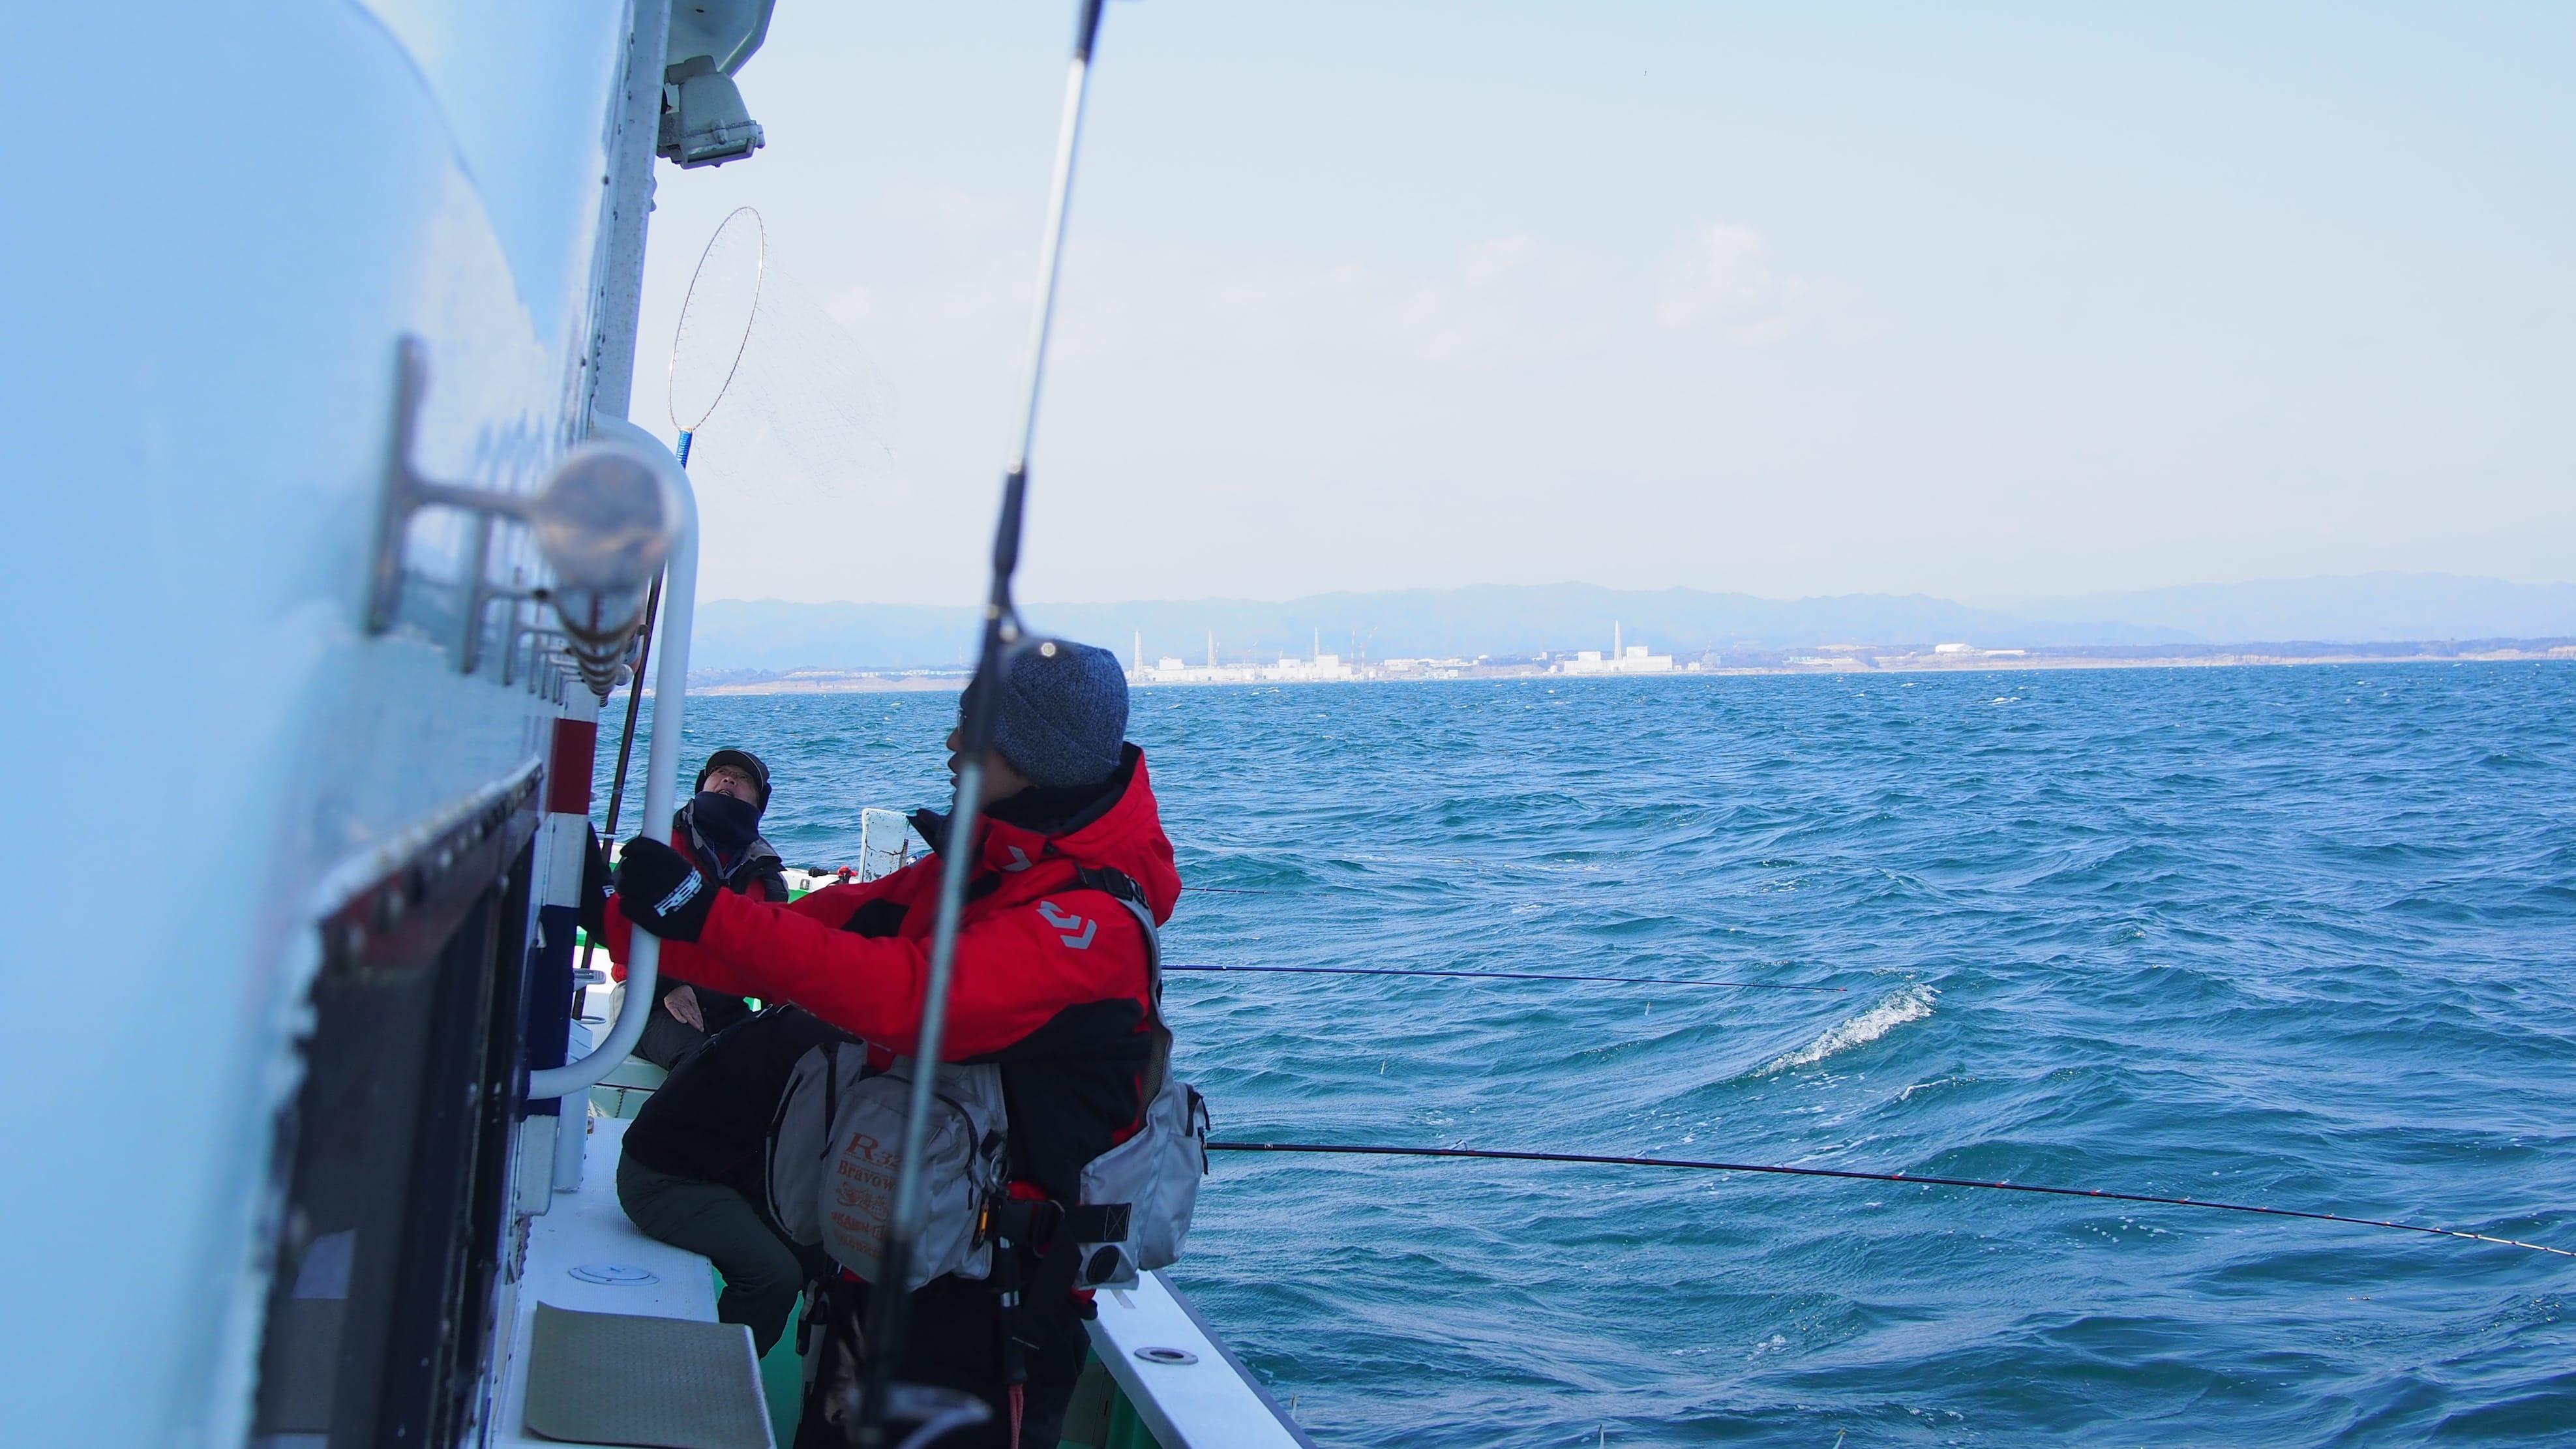 原発沖での海洋調査の模様。奥に福島第一原発が見える。